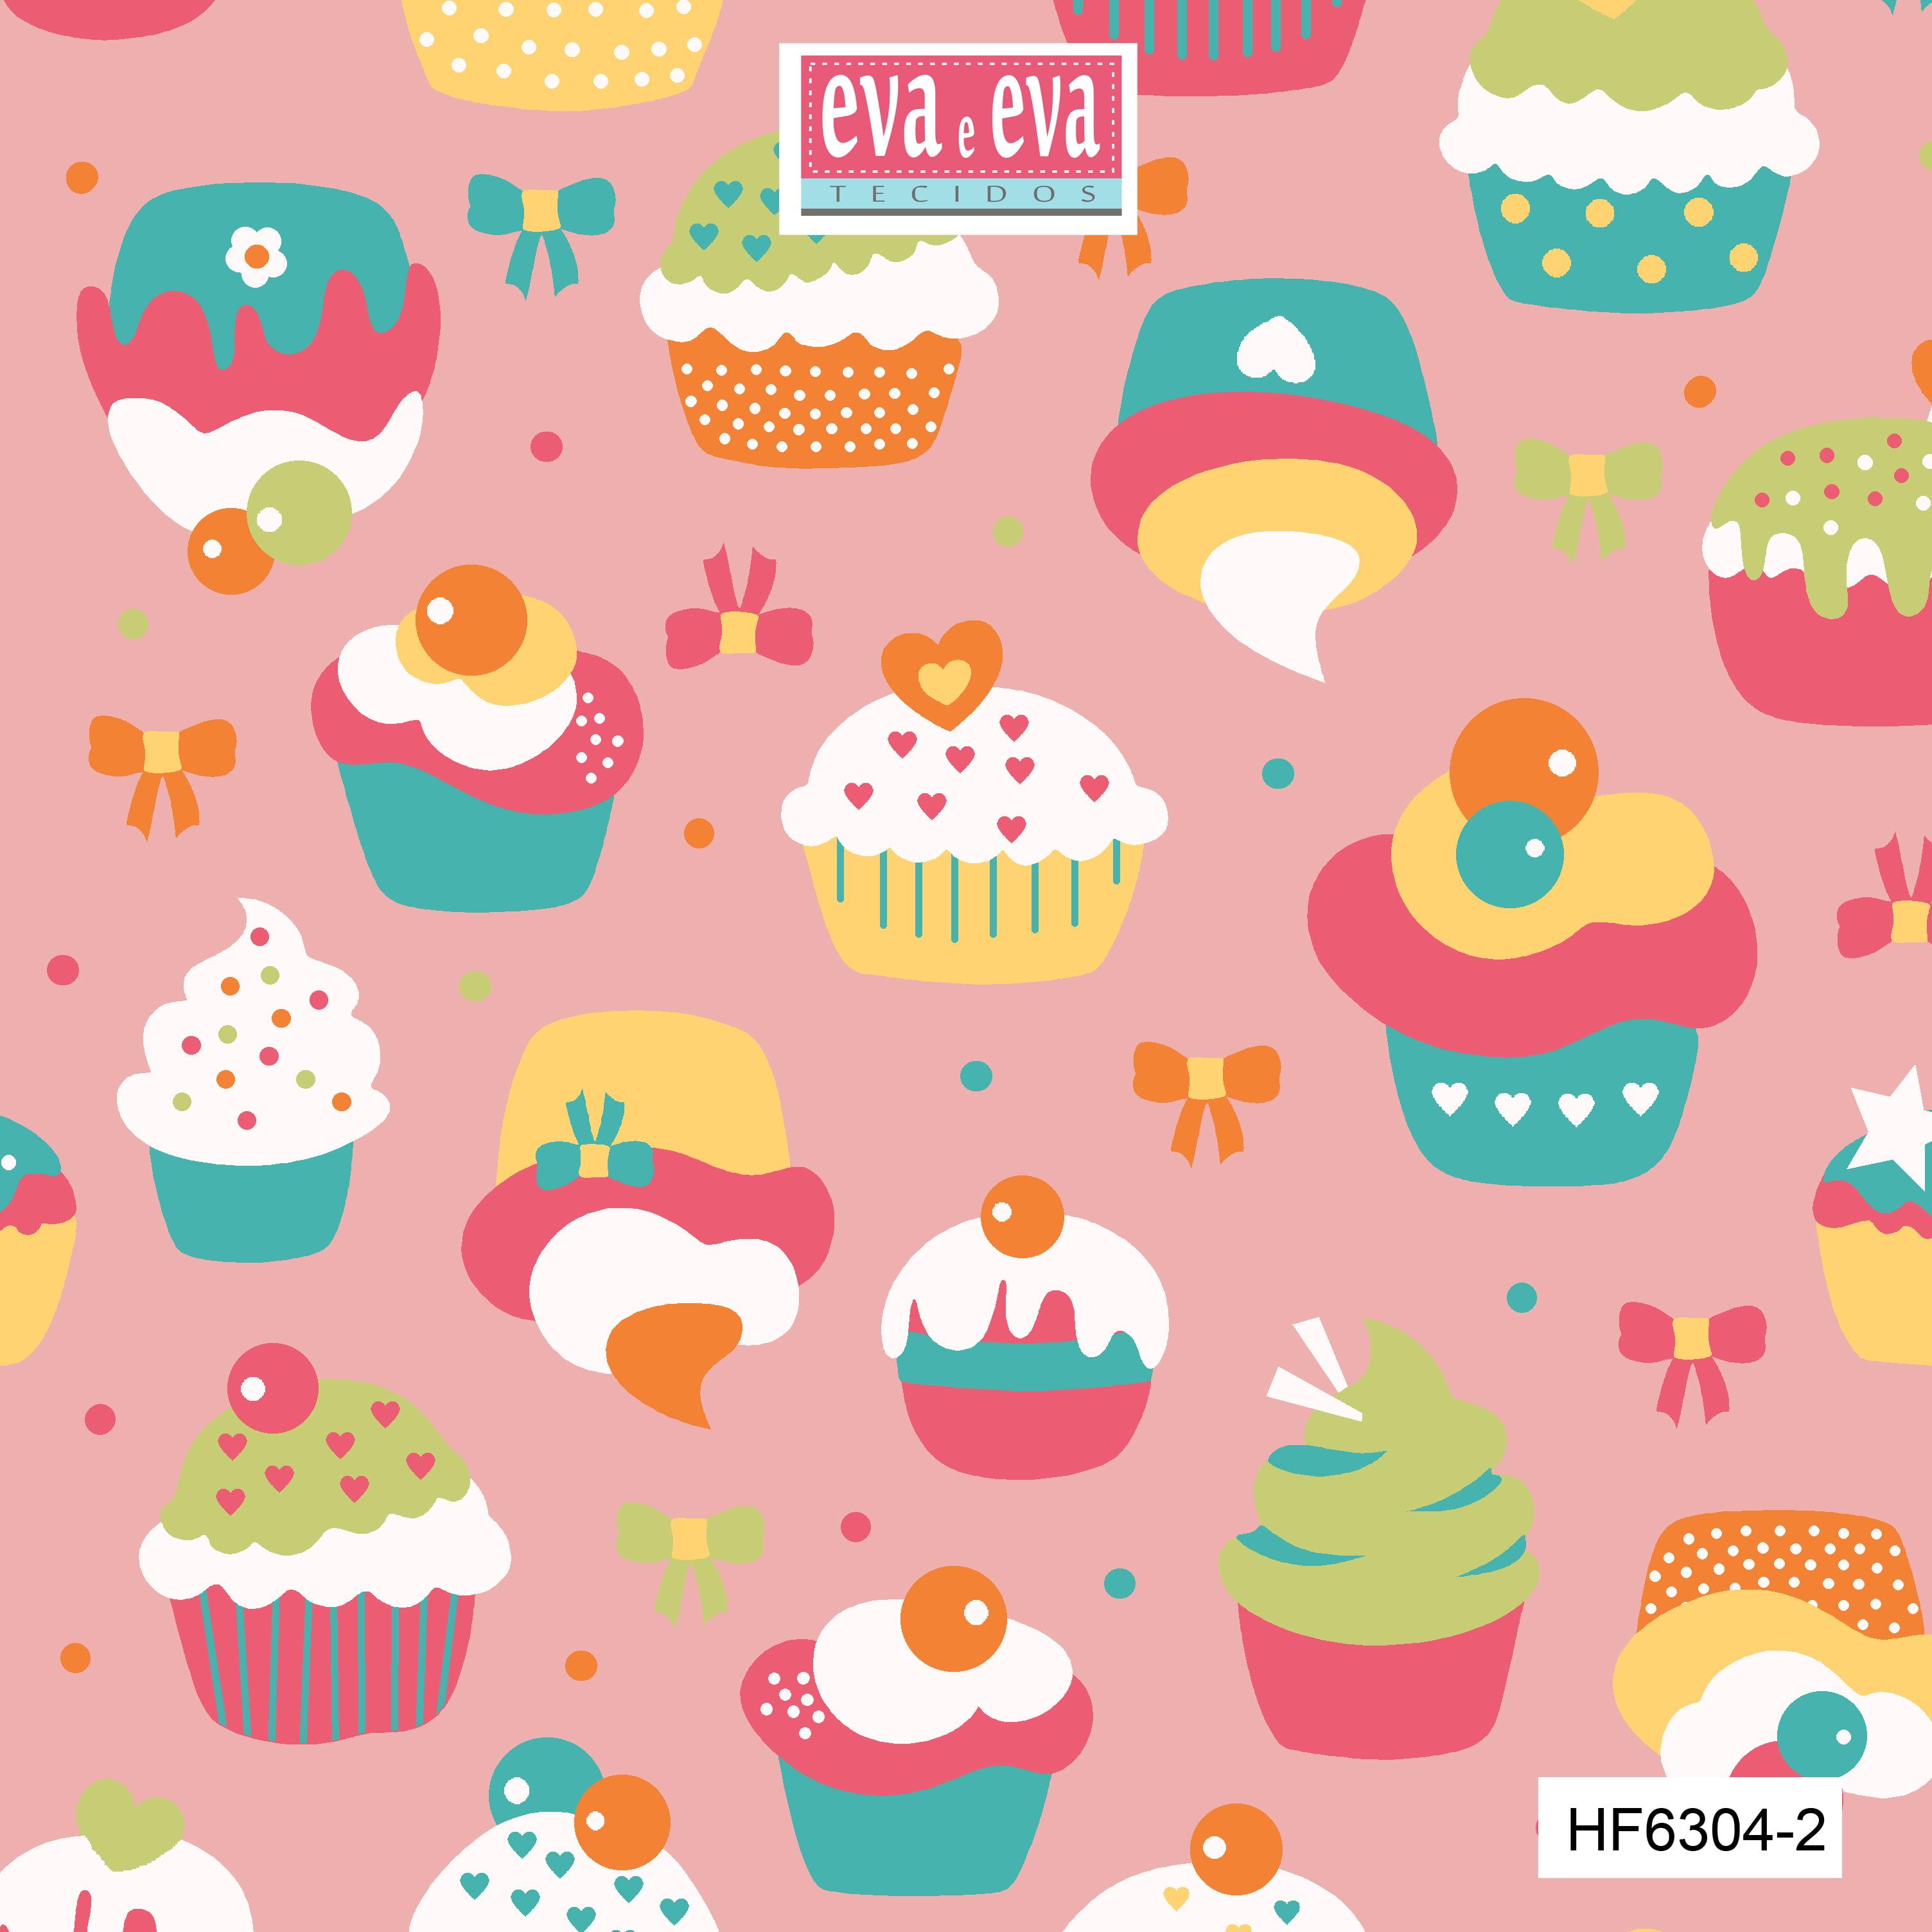 Tecido tricoline estampada da Eva e Eva - coleção Hora da Festa - HF6304-2